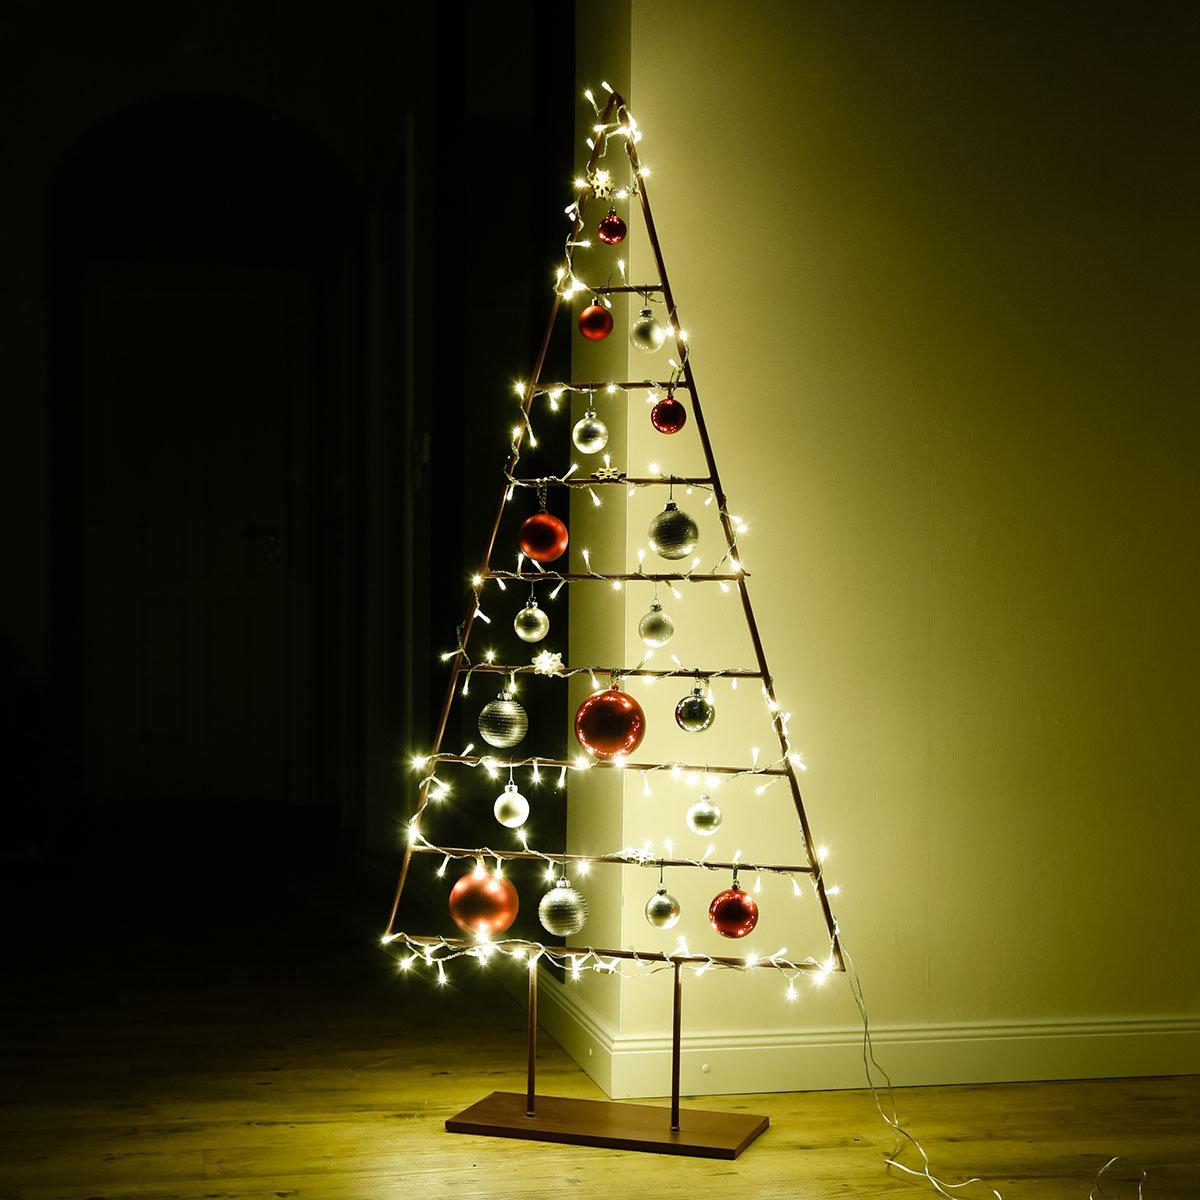 tannenbaum weihnachtszeit gro online kaufen bei g rtner p tschke. Black Bedroom Furniture Sets. Home Design Ideas